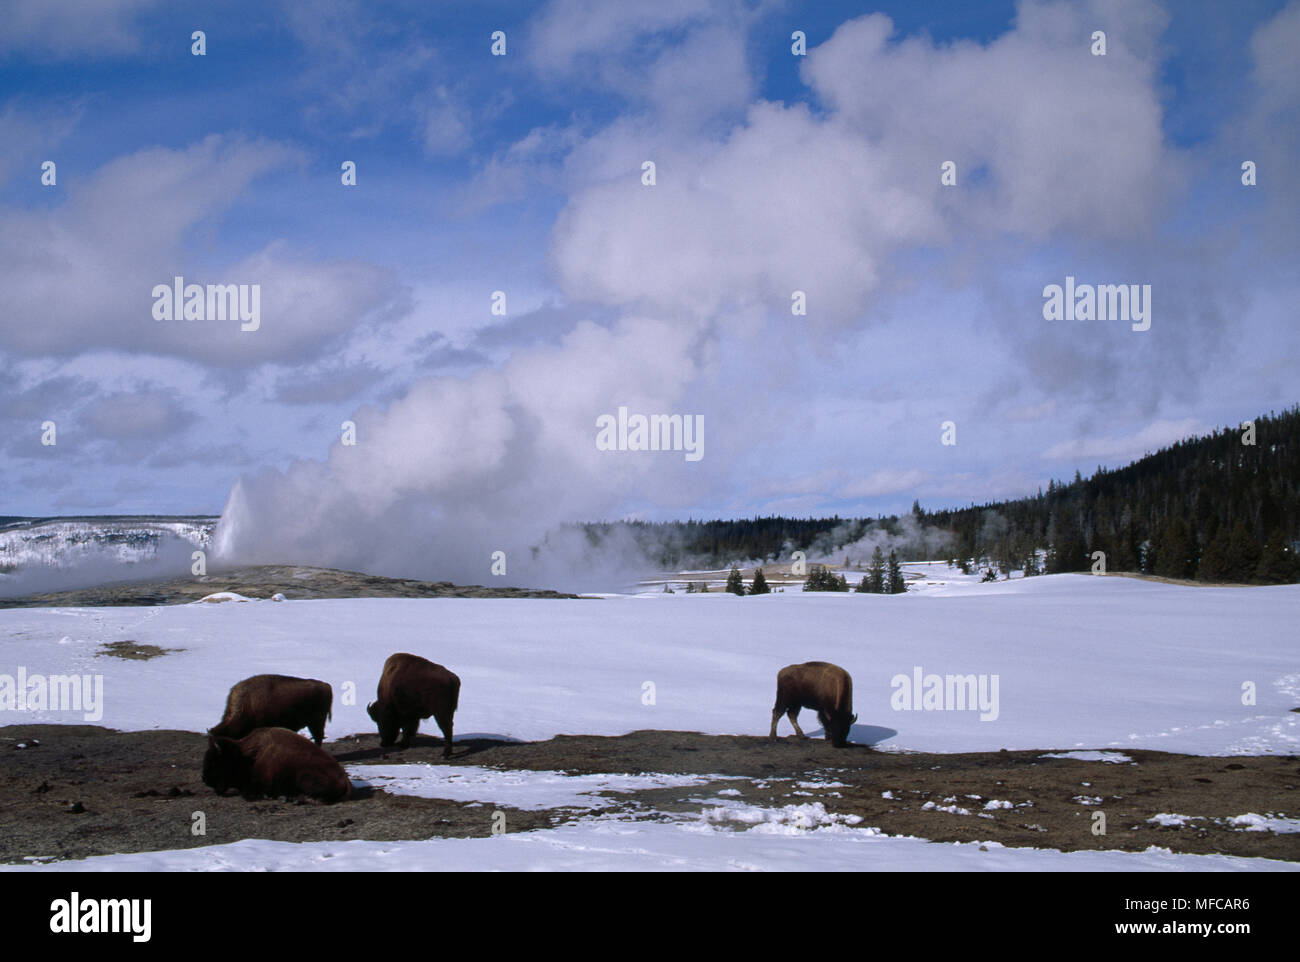 American Bison Group Bison Bison At Old Faithful Geyser